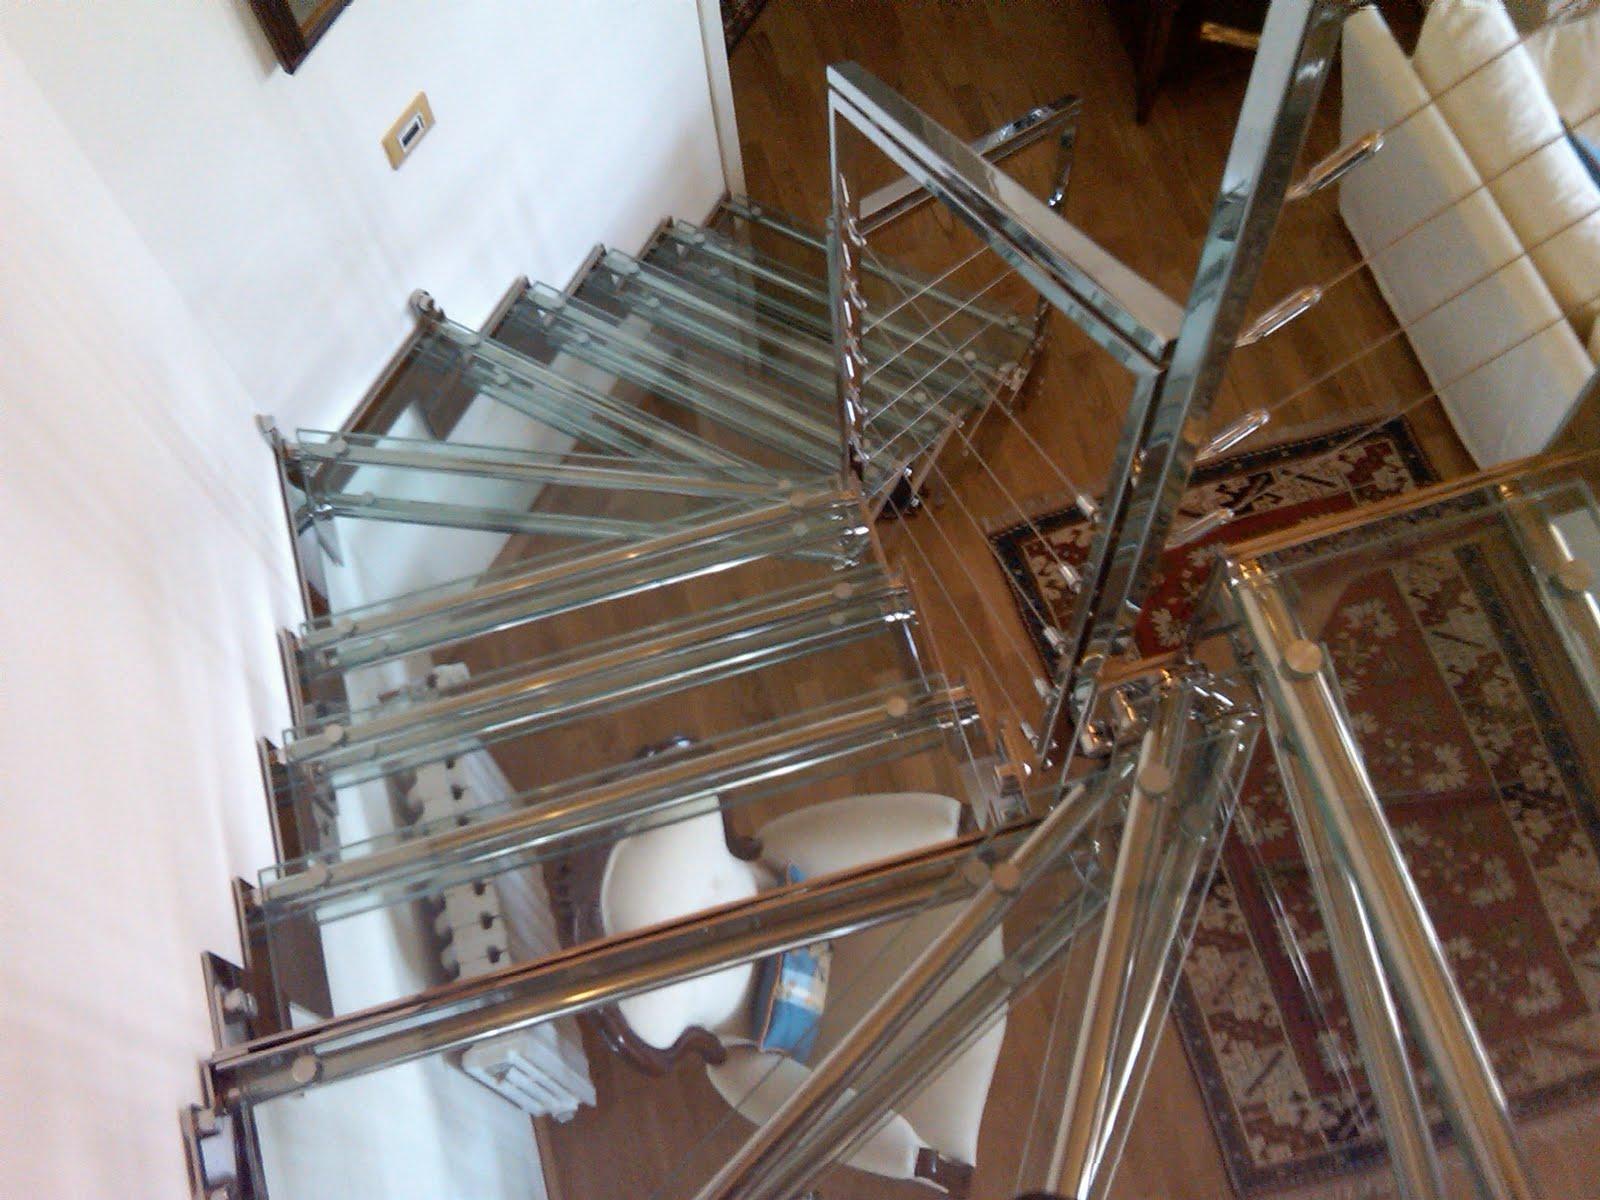 Scala acciaio e cristallo il blog di roversi scale - Apertura solaio per scala interna ...